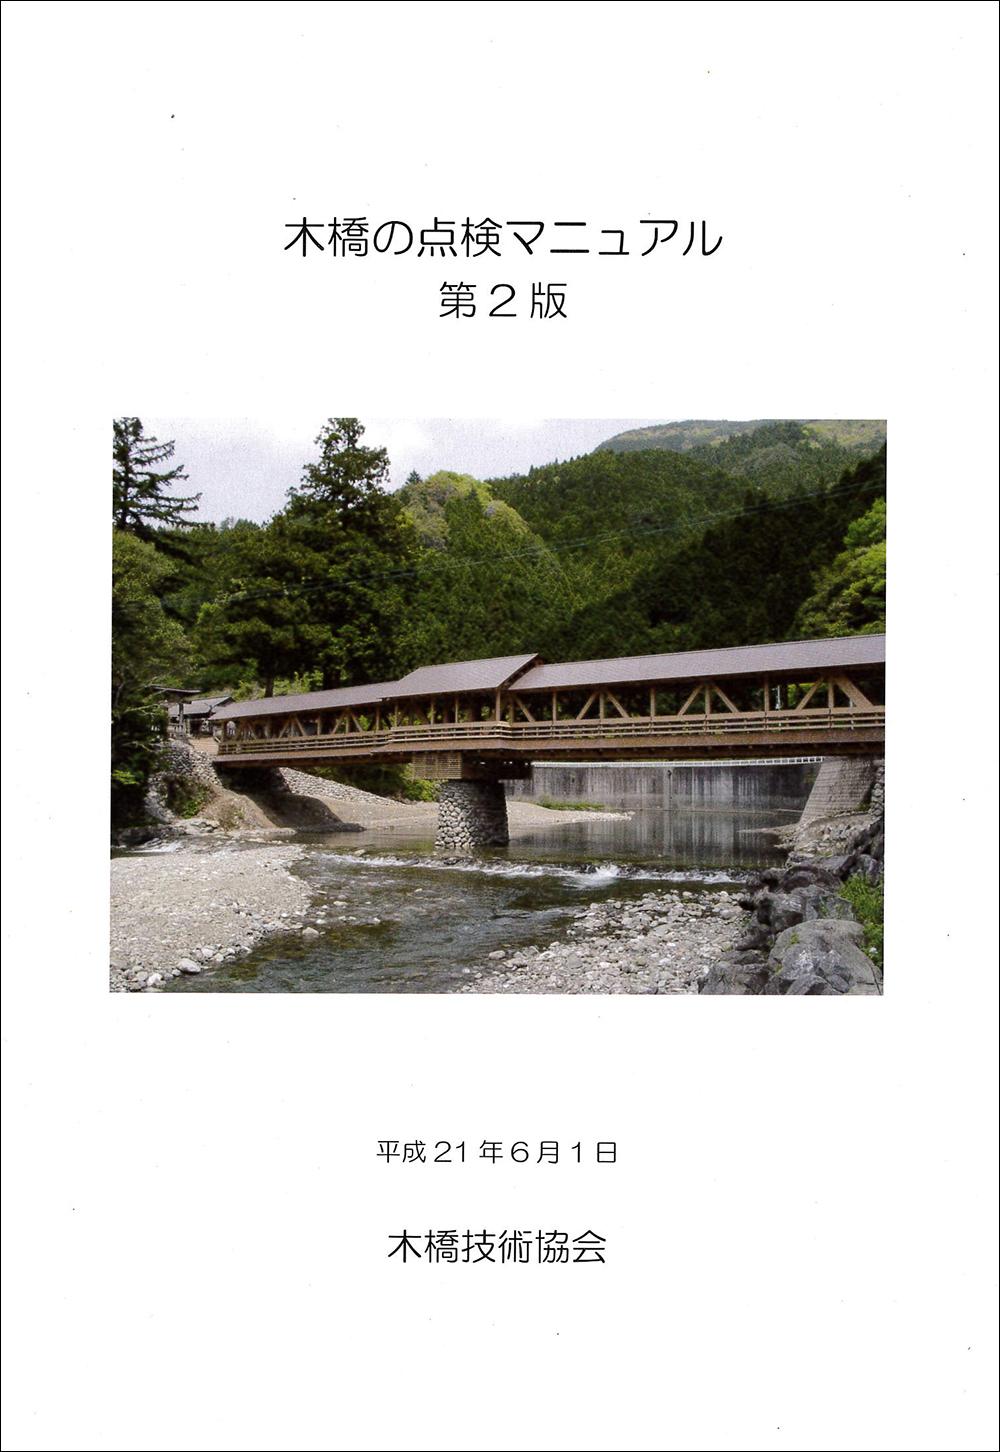 木橋点検マニュアル